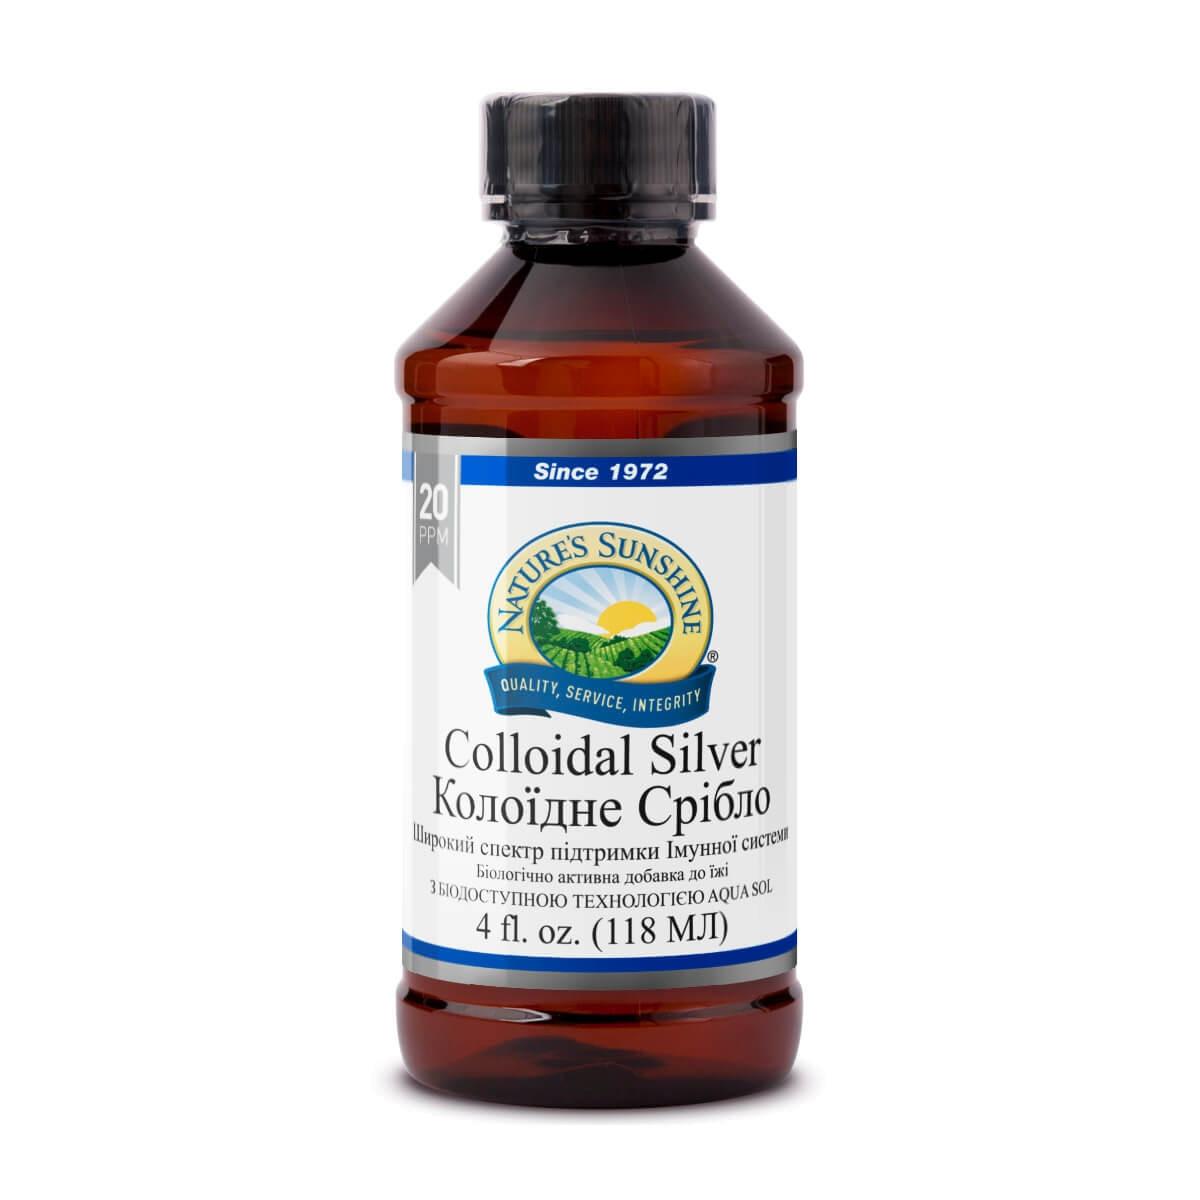 Коллоидное серебро бад НСП от лямблиоза, противовоспалительное, антисептическое и бактерицидное средство.